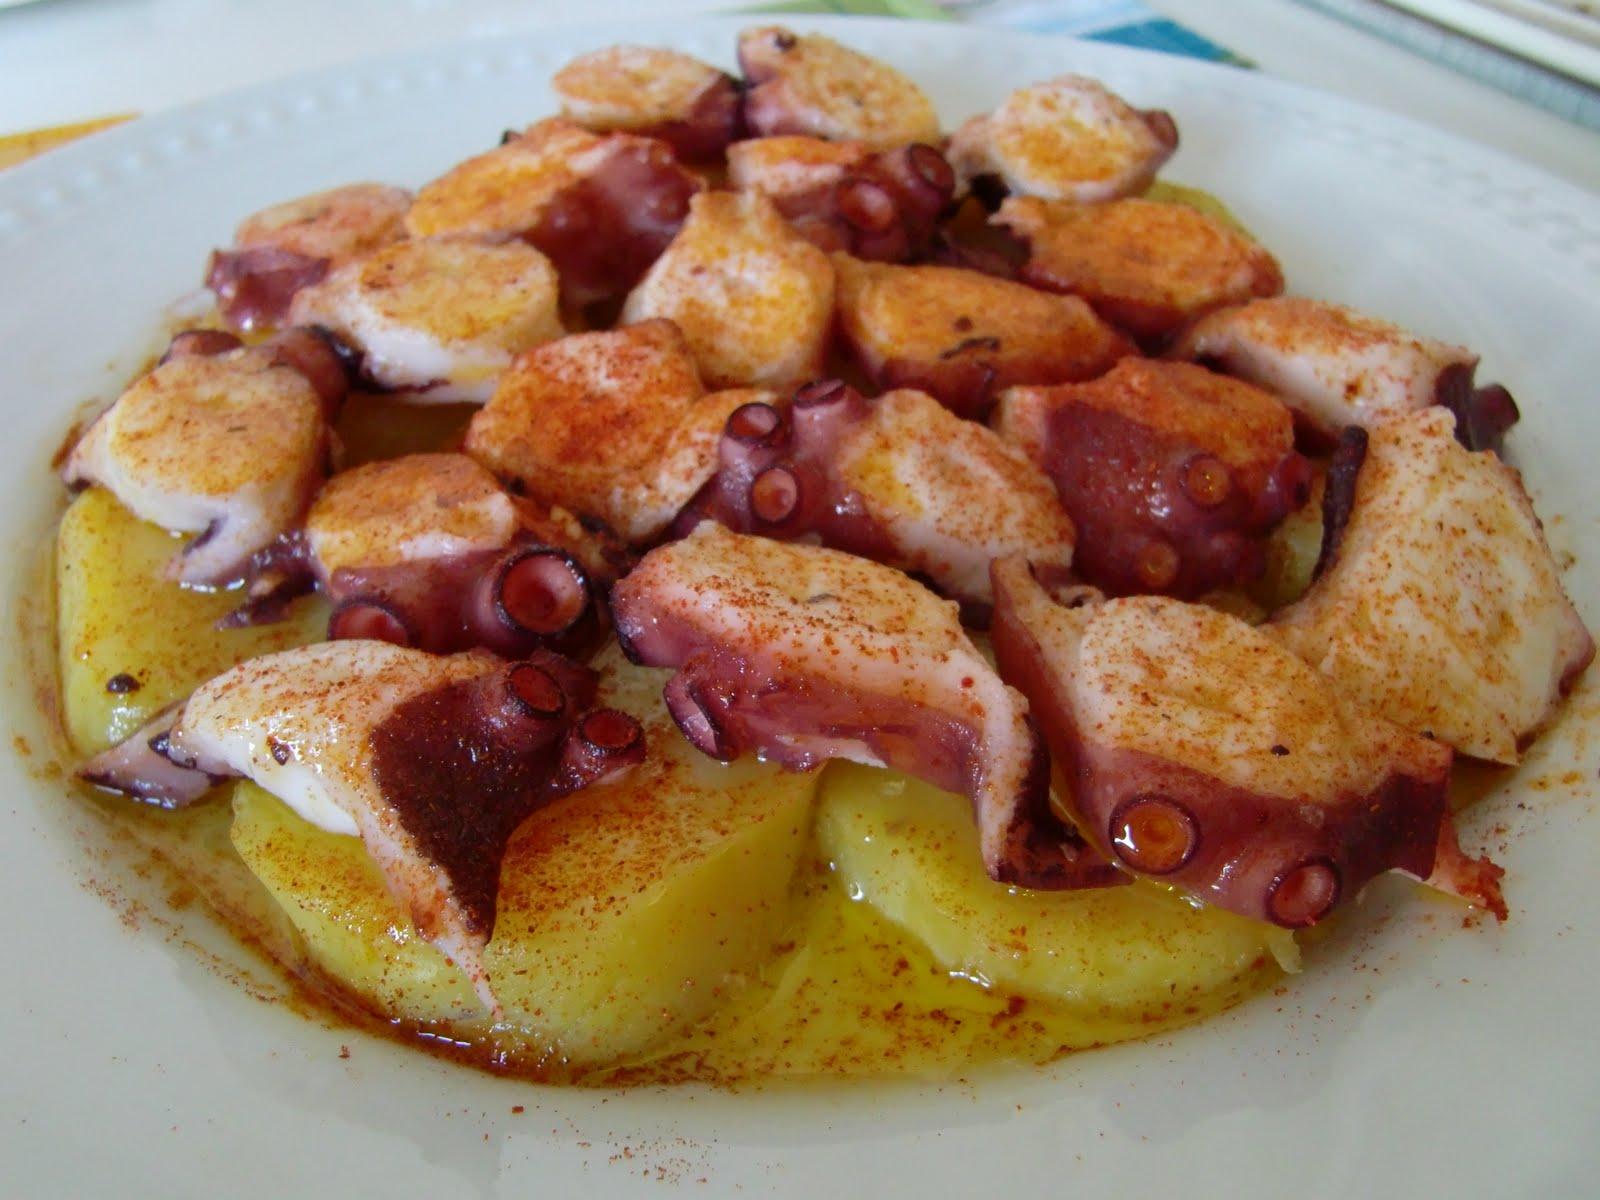 Ad ro cocinar ad ro cozinhar pulpo a la feria receta Como se cocina el pulpo